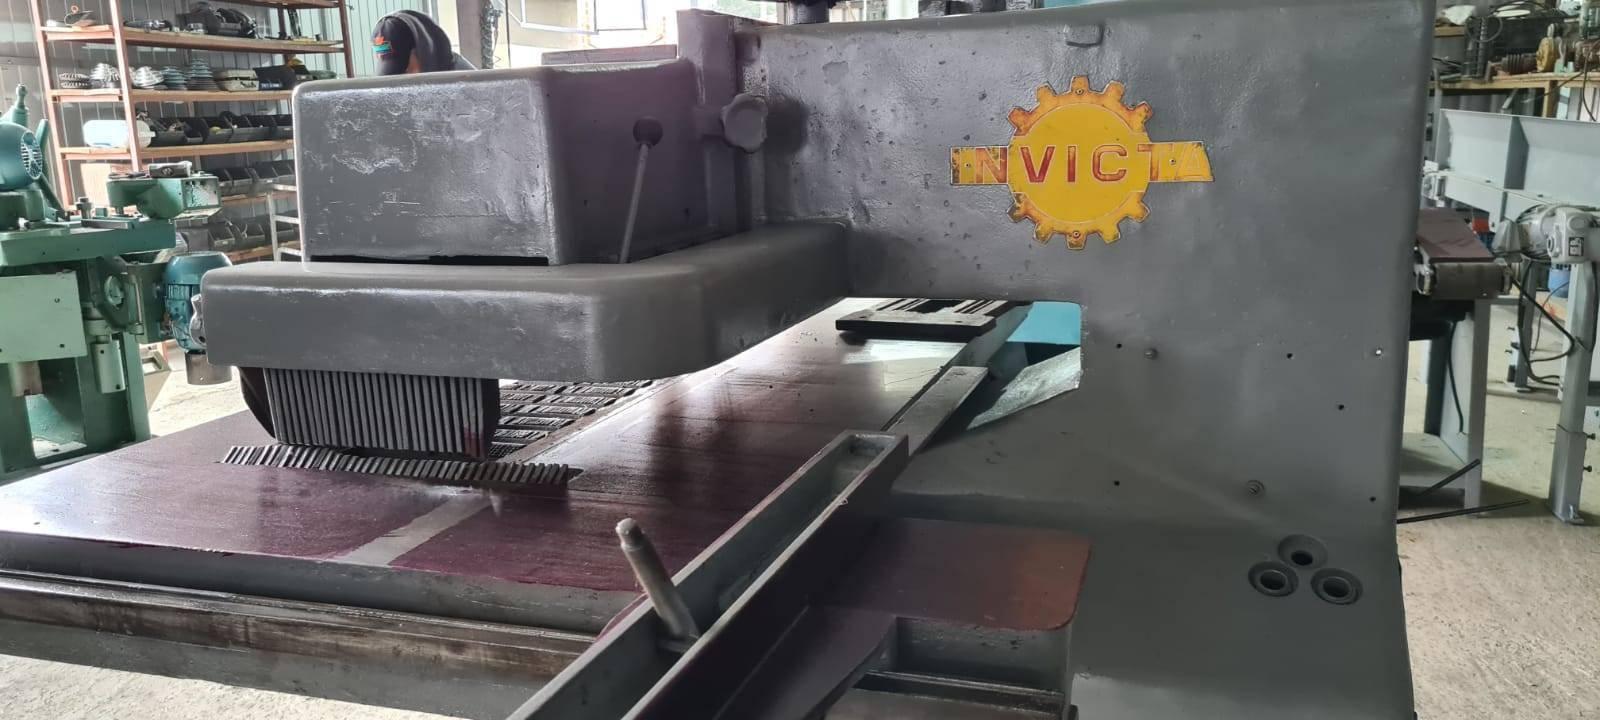 Serra múltipla Invicta RG-28 - Kimaq